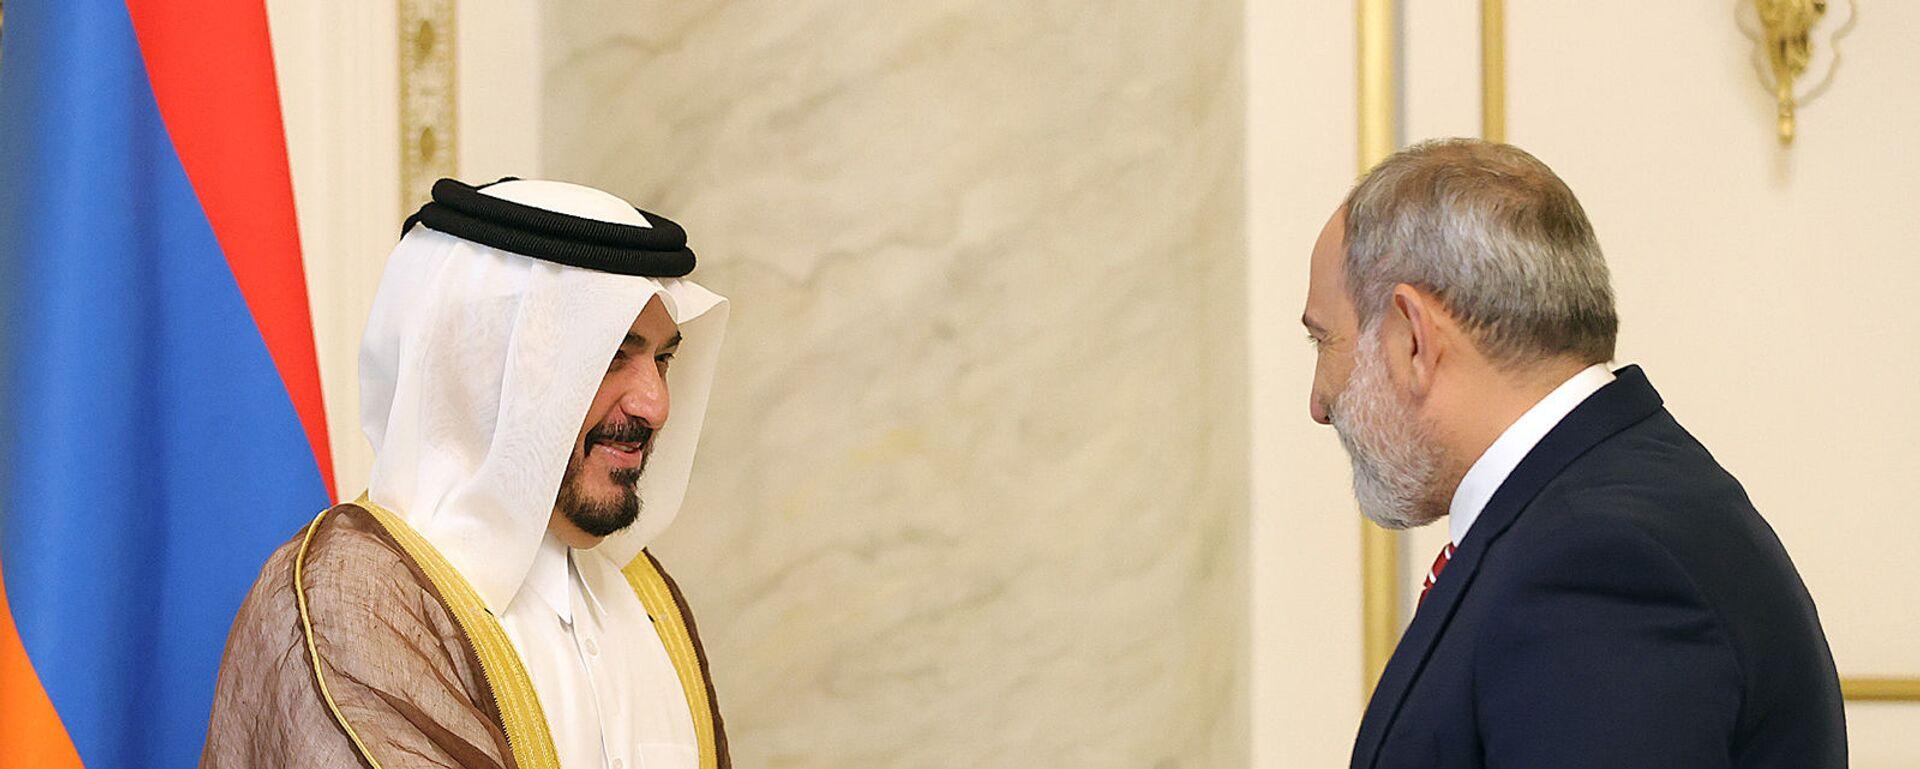 И.о. премьер-министра Никол Пашинян принял председателя правления Air Arabia шейха Абдуллу бин Мохаммада Аль Тани - Sputnik Արմենիա, 1920, 14.07.2021